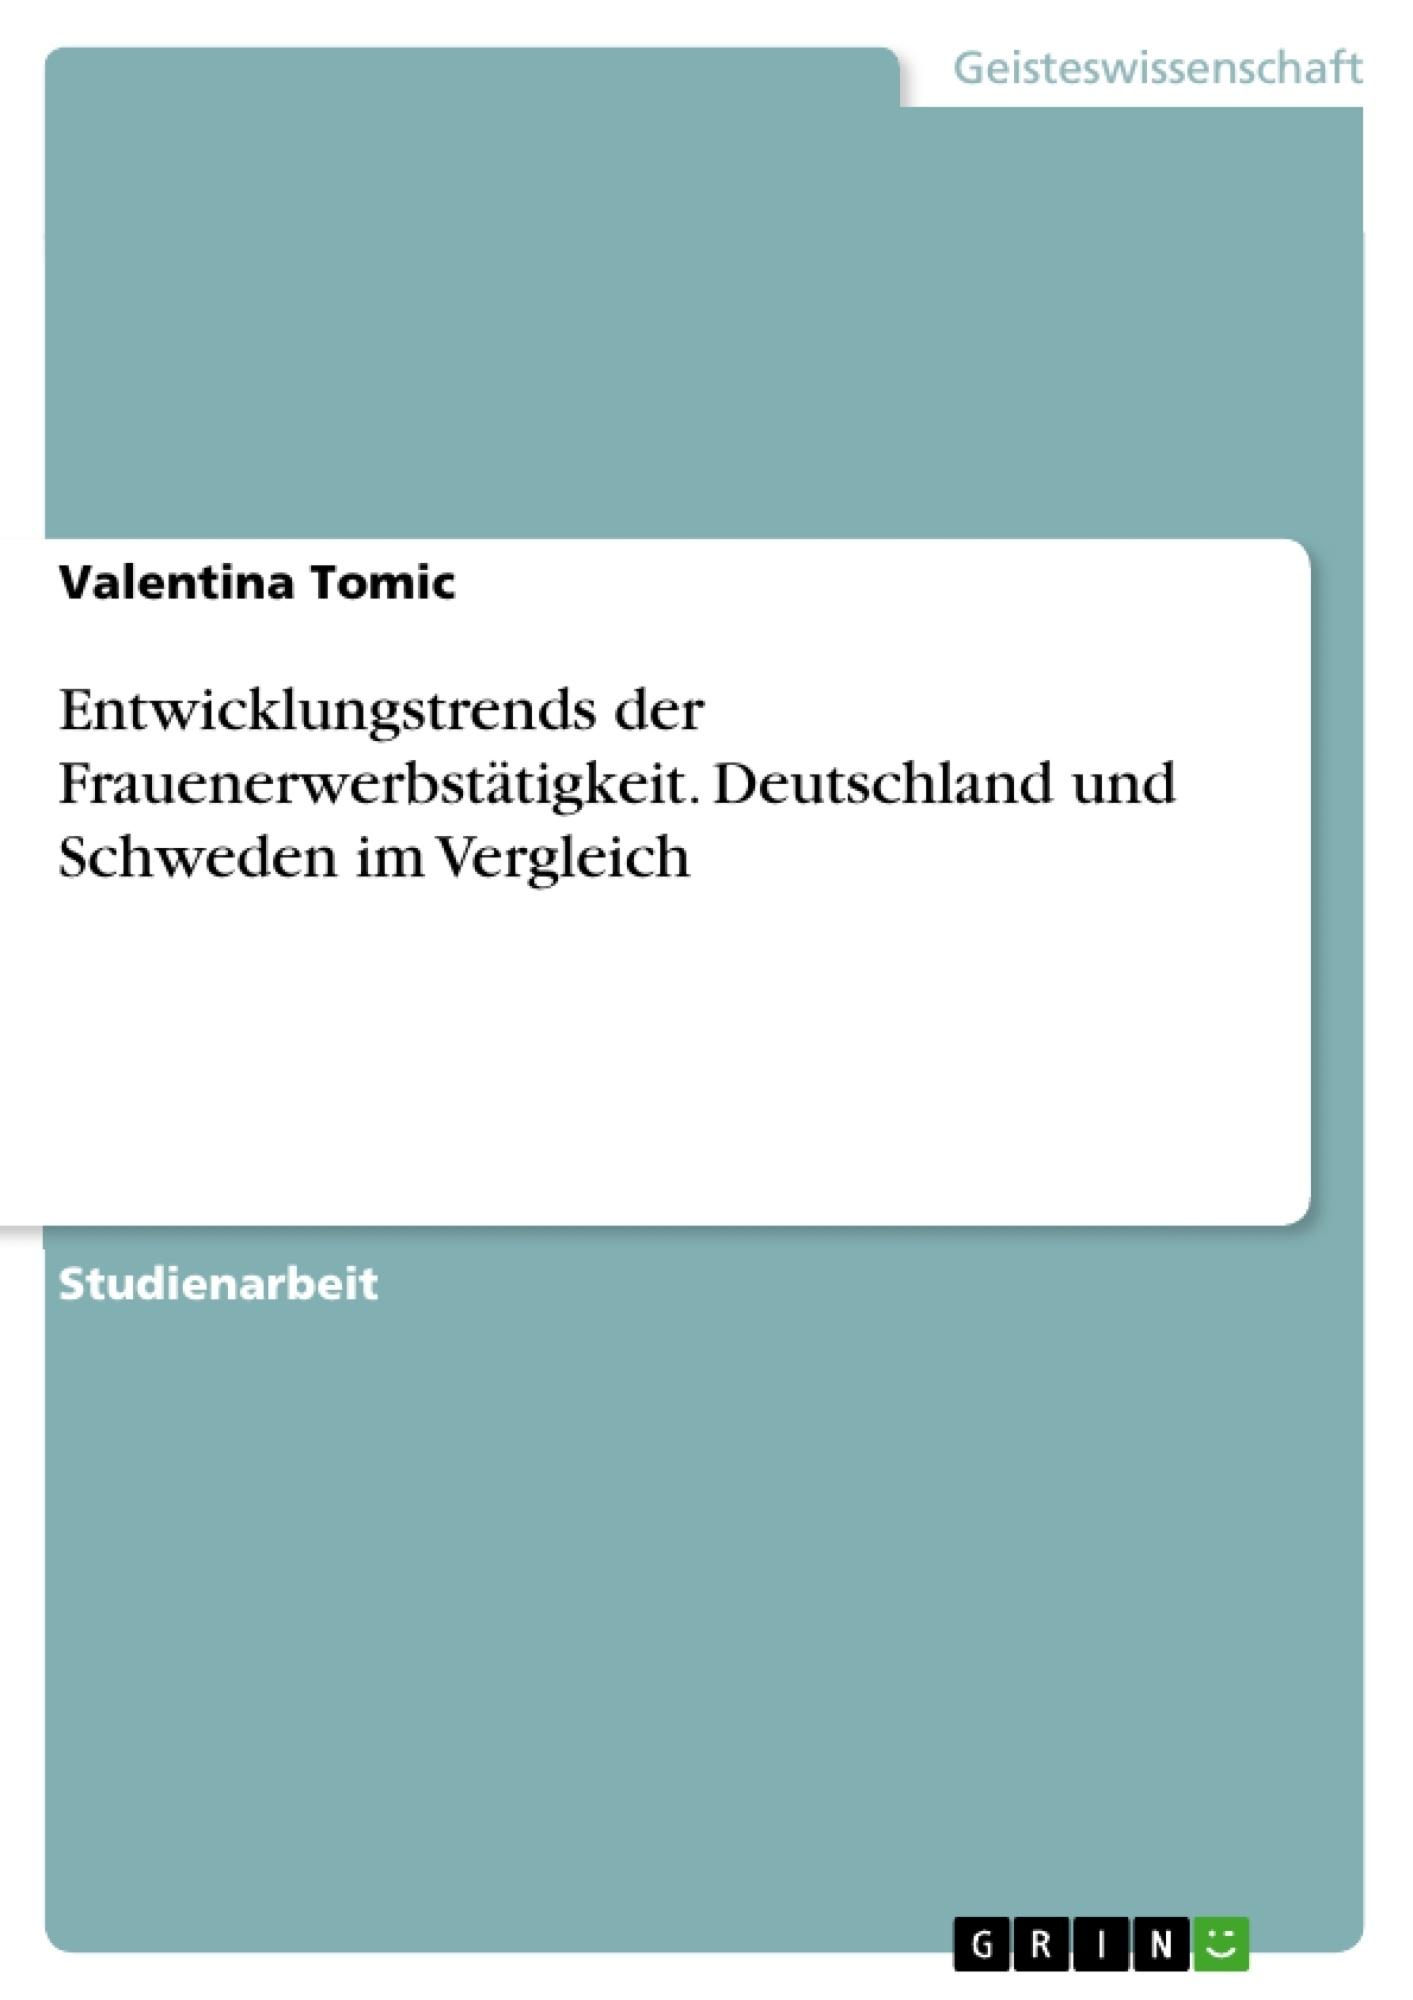 Titel: Entwicklungstrends der Frauenerwerbstätigkeit. Deutschland und Schweden im Vergleich